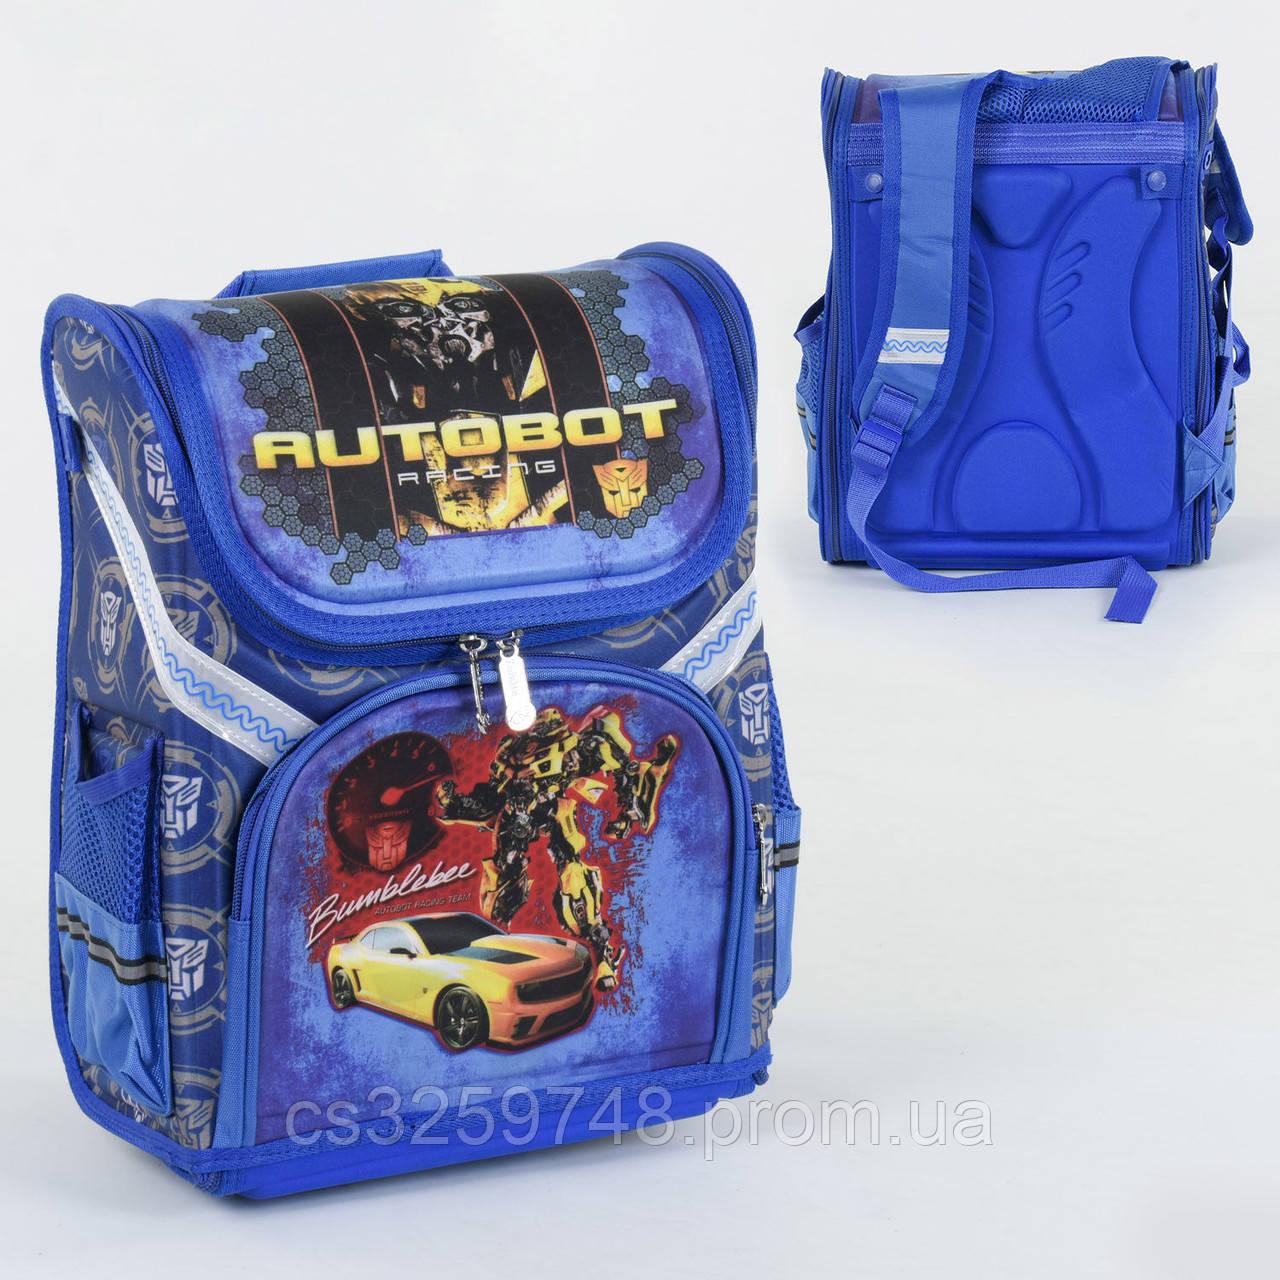 Рюкзак школьный каркасный С 36183 спинка ортопедическая 1 отделение 3 кармана с 3D рисунком